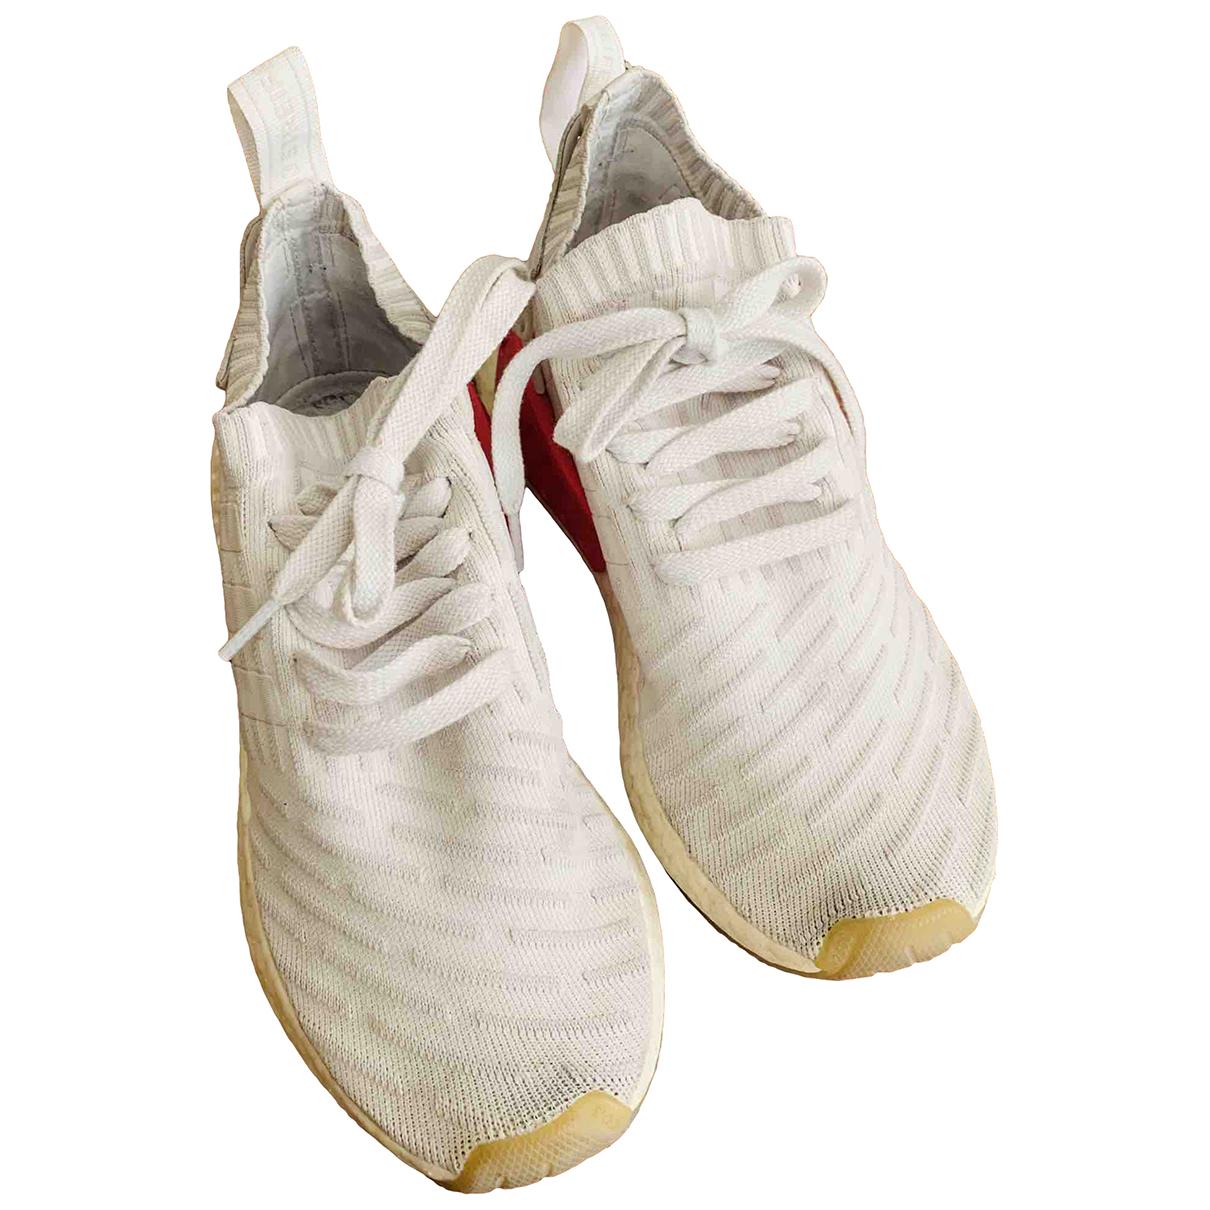 Adidas - Baskets PureBOOST pour femme en toile - blanc